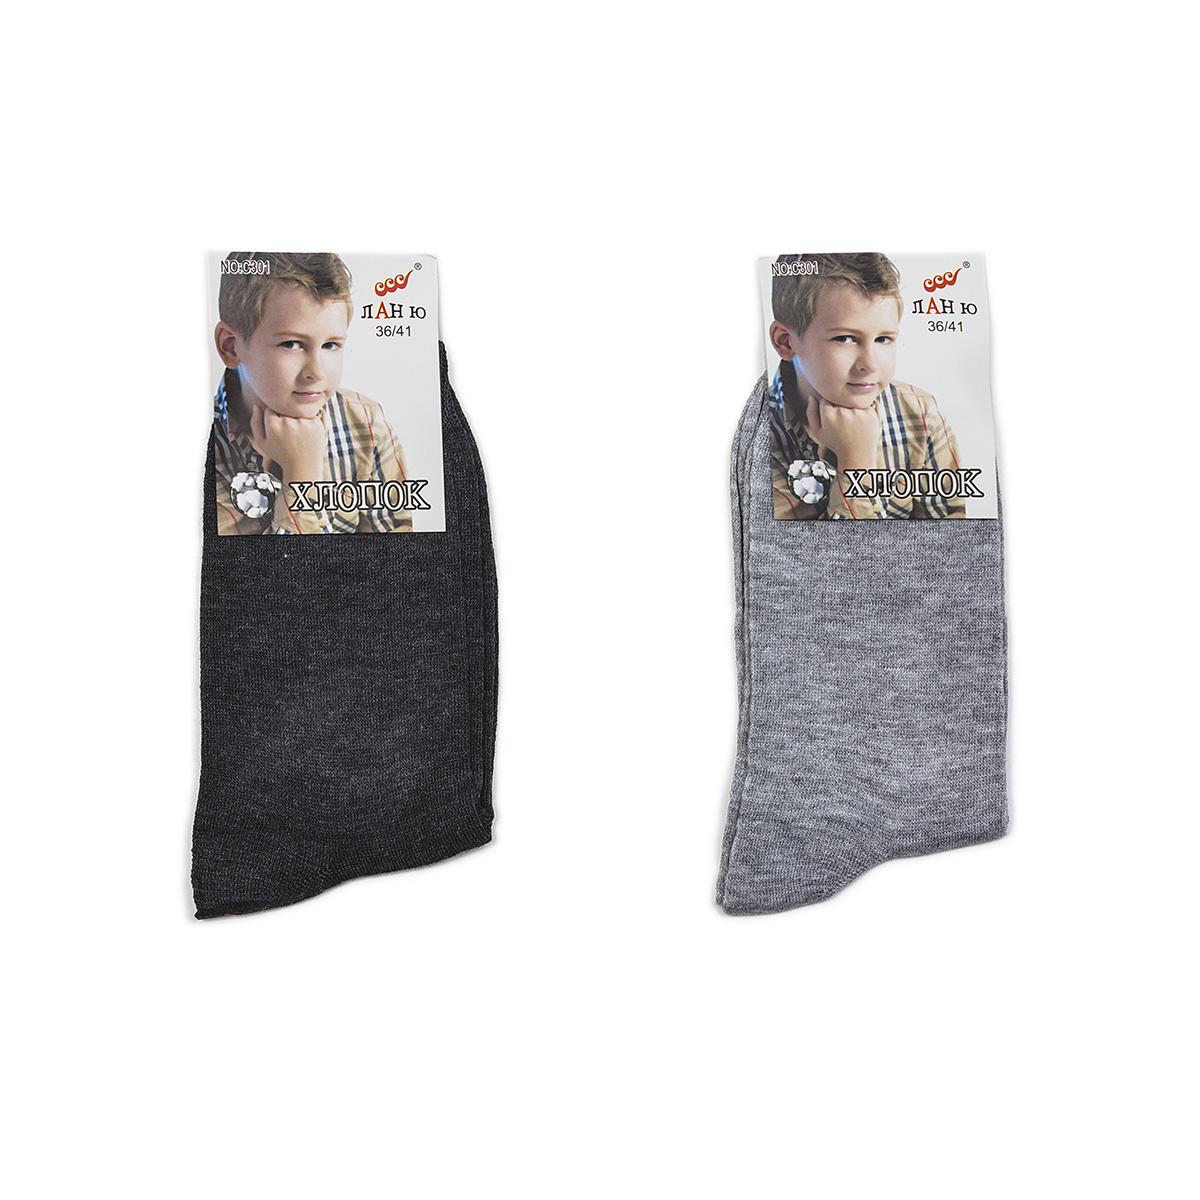 Носки подростковые Ланю 301, цвет ЧерныйНоски<br><br><br>Тип: Дет. носки<br>Размер: 36-41<br>Материал: Хлопок